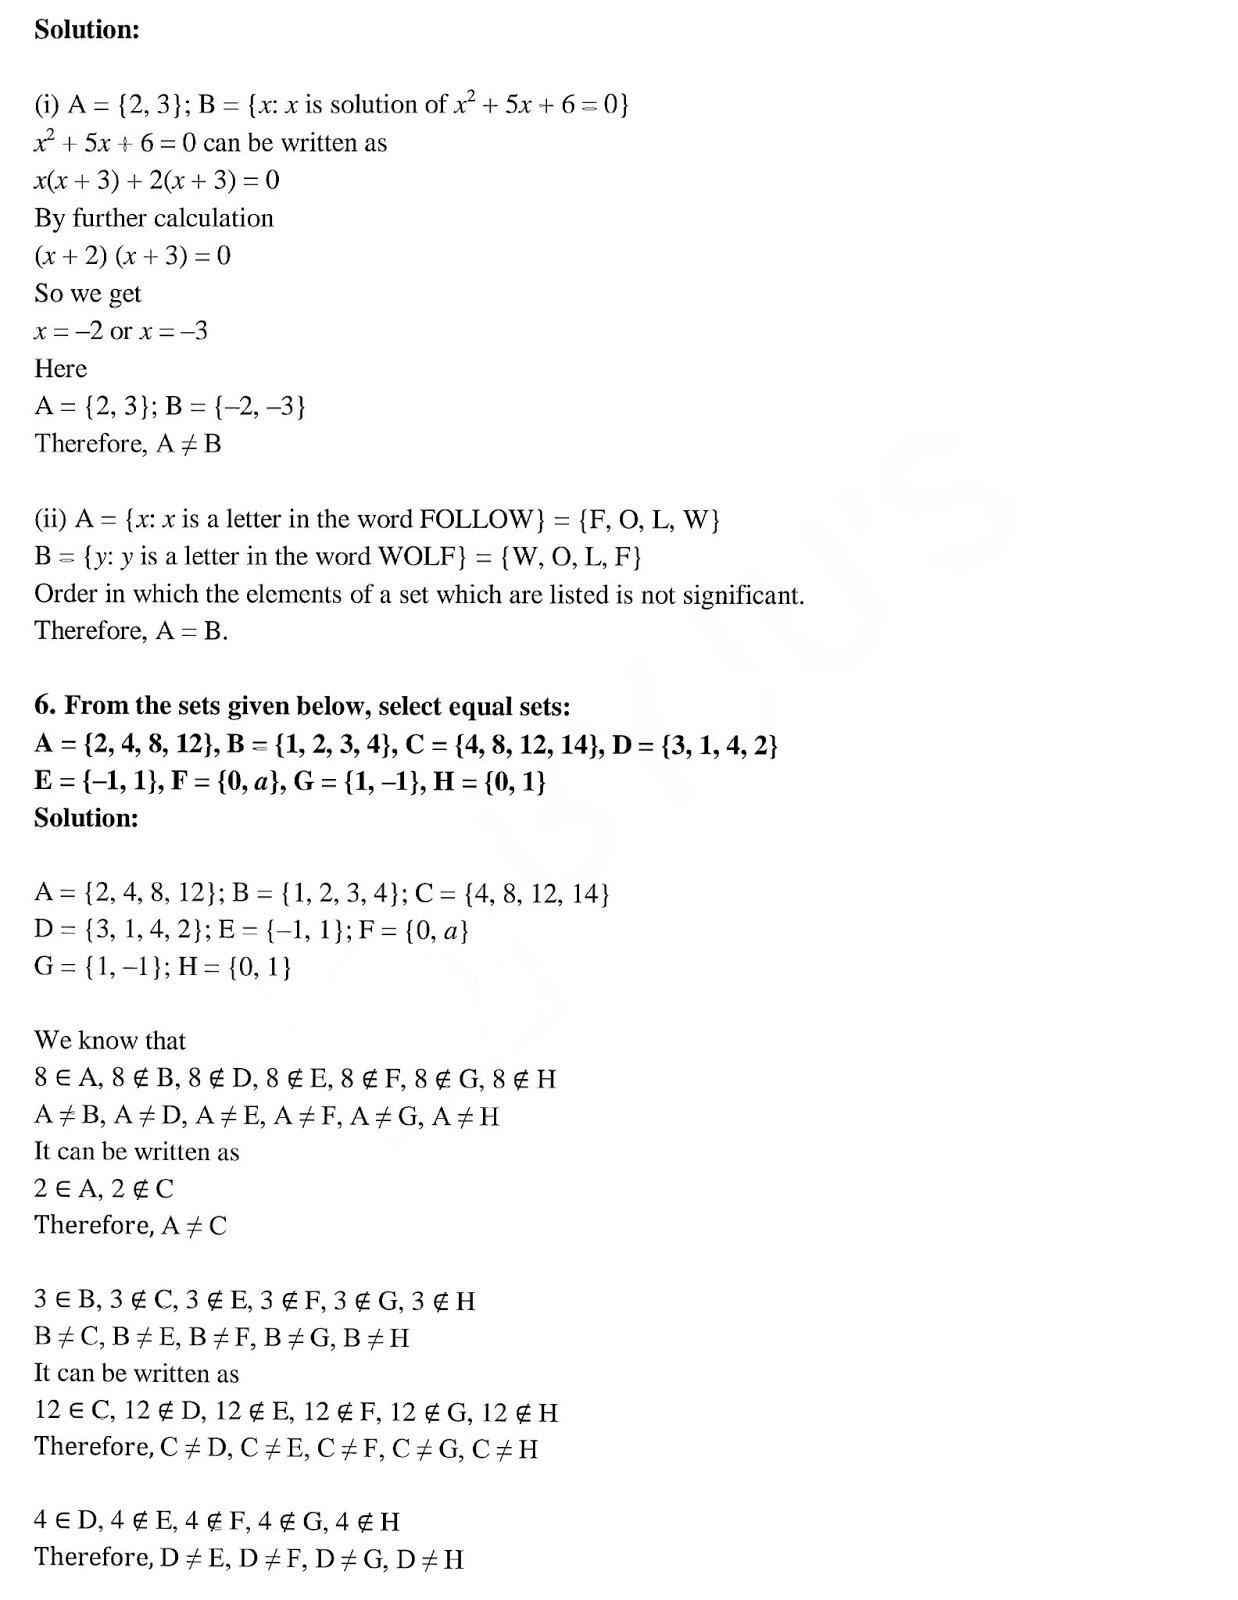 Class 11 Maths Chapter 1 - Sets,  11th Maths book in hindi,11th Maths notes in hindi,cbse books for class  11,cbse books in hindi,cbse ncert books,class  11  Maths notes in hindi,class  11 hindi ncert solutions, Maths 2020, Maths 2021, Maths 2022, Maths book class  11, Maths book in hindi, Maths class  11 in hindi, Maths notes for class  11 up board in hindi,ncert all books,ncert app in hindi,ncert book solution,ncert books class 10,ncert books class  11,ncert books for class 7,ncert books for upsc in hindi,ncert books in hindi class 10,ncert books in hindi for class  11  Maths,ncert books in hindi for class 6,ncert books in hindi pdf,ncert class  11 hindi book,ncert english book,ncert  Maths book in hindi,ncert  Maths books in hindi pdf,ncert  Maths class  11,ncert in hindi,old ncert books in hindi,online ncert books in hindi,up board  11th,up board  11th syllabus,up board class 10 hindi book,up board class  11 books,up board class  11 new syllabus,up Board  Maths 2020,up Board  Maths 2021,up Board  Maths 2022,up Board  Maths 2023,up board intermediate  Maths syllabus,up board intermediate syllabus 2021,Up board Master 2021,up board model paper 2021,up board model paper all subject,up board new syllabus of class 11th Maths,up board paper 2021,Up board syllabus 2021,UP board syllabus 2022,   11 वीं मैथ्स पुस्तक हिंदी में,  11 वीं मैथ्स नोट्स हिंदी में, कक्षा  11 के लिए सीबीएससी पुस्तकें, हिंदी में सीबीएससी पुस्तकें, सीबीएससी  पुस्तकें, कक्षा  11 मैथ्स नोट्स हिंदी में, कक्षा  11 हिंदी एनसीईआरटी समाधान, मैथ्स 2020, मैथ्स 2021, मैथ्स 2022, मैथ्स  बुक क्लास  11, मैथ्स बुक इन हिंदी, बायोलॉजी क्लास  11 हिंदी में, मैथ्स नोट्स इन क्लास  11 यूपी  बोर्ड इन हिंदी, एनसीईआरटी मैथ्स की किताब हिंदी में,  बोर्ड  11 वीं तक,  11 वीं तक की पाठ्यक्रम, बोर्ड कक्षा 10 की हिंदी पुस्तक  , बोर्ड की कक्षा  11 की किताबें, बोर्ड की कक्षा  11 की नई पाठ्यक्रम, बोर्ड मैथ्स 2020, यूपी   बोर्ड मैथ्स 2021, यूपी  बोर्ड मैथ्स 2022, यूपी  बोर्ड मैथ्स 2023, यूपी  बोर्ड इंटरमीडिएट बायोलॉजी सिलेबस, यूपी  